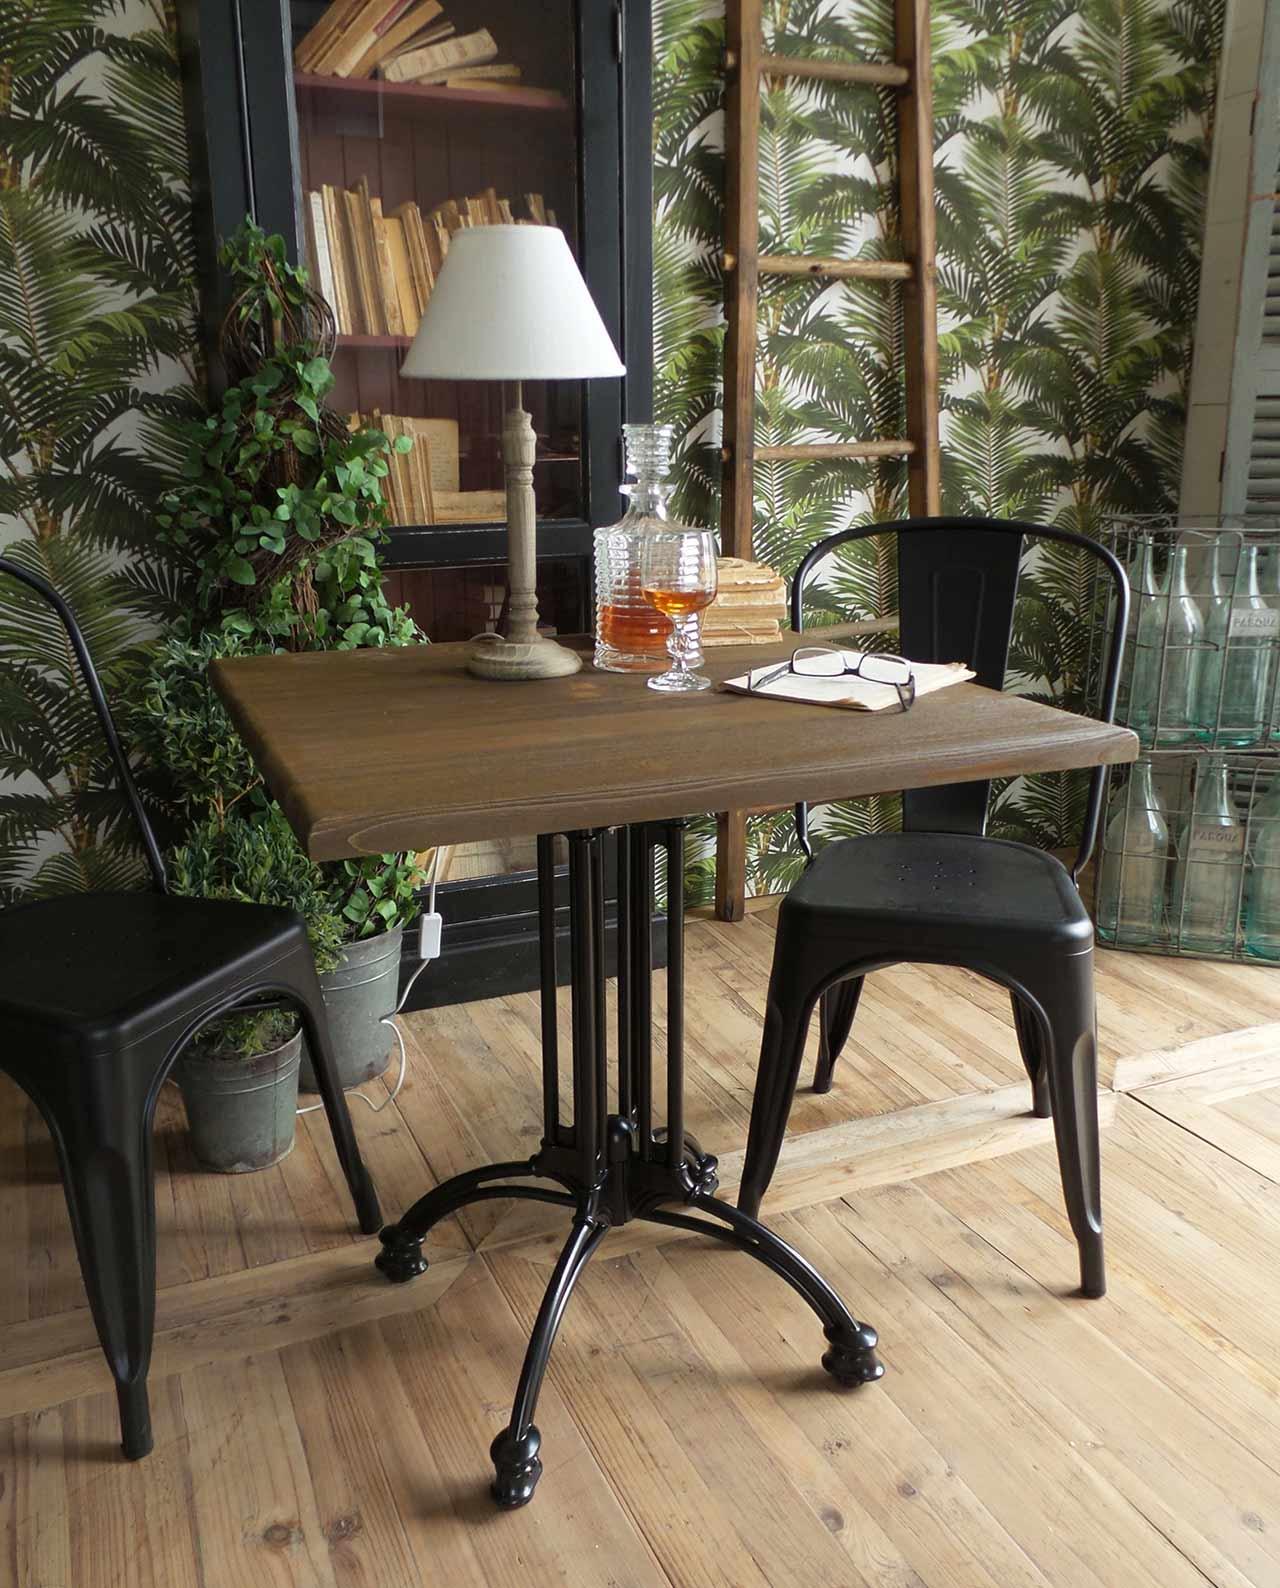 Tavolo quadrato legno e metallo stile industrial mobilia store home favours - Tavolo quadrato legno ...